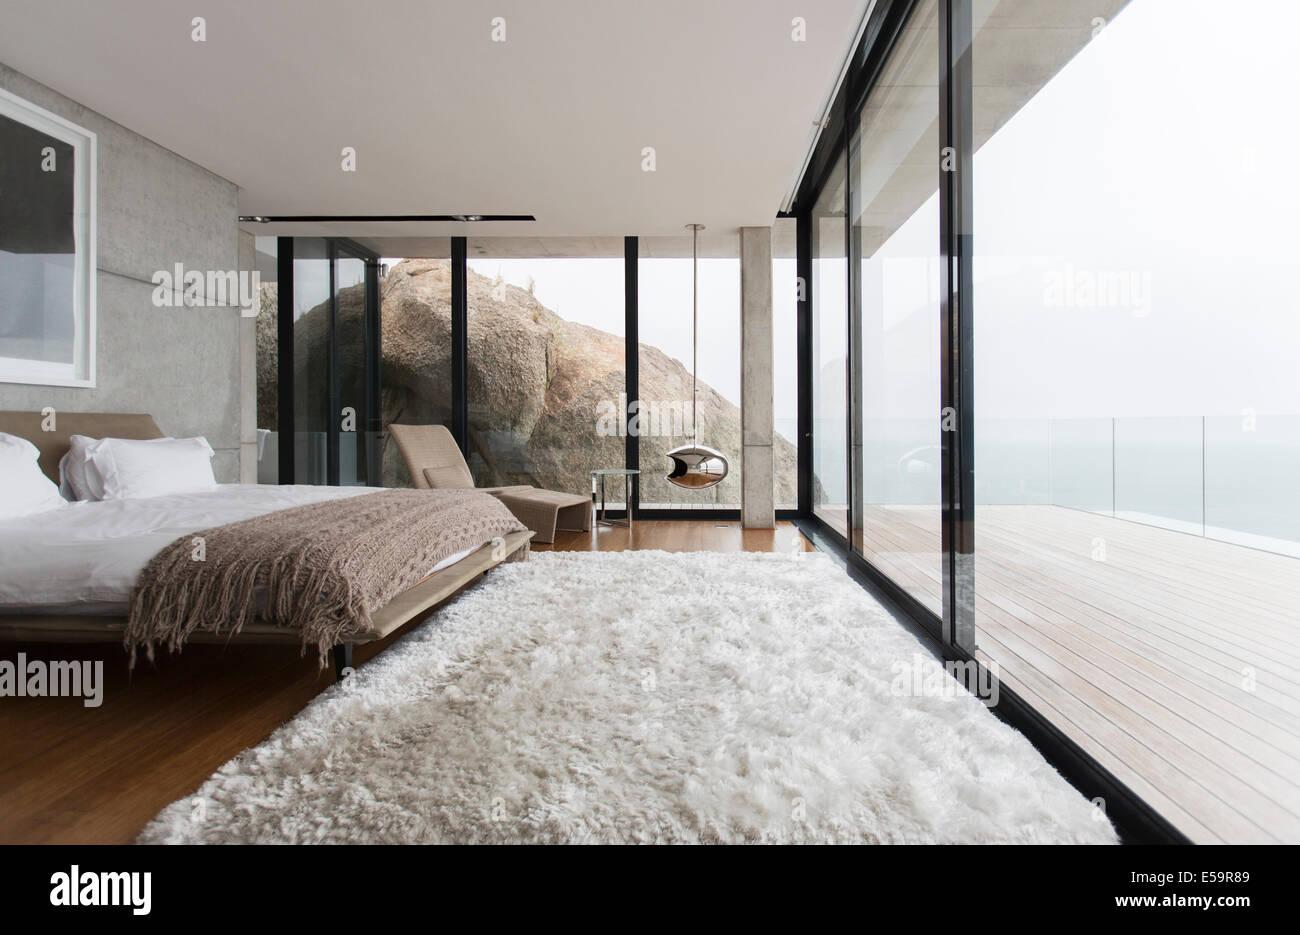 Shag rug et des murs de verre dans une chambre moderne Photo Stock